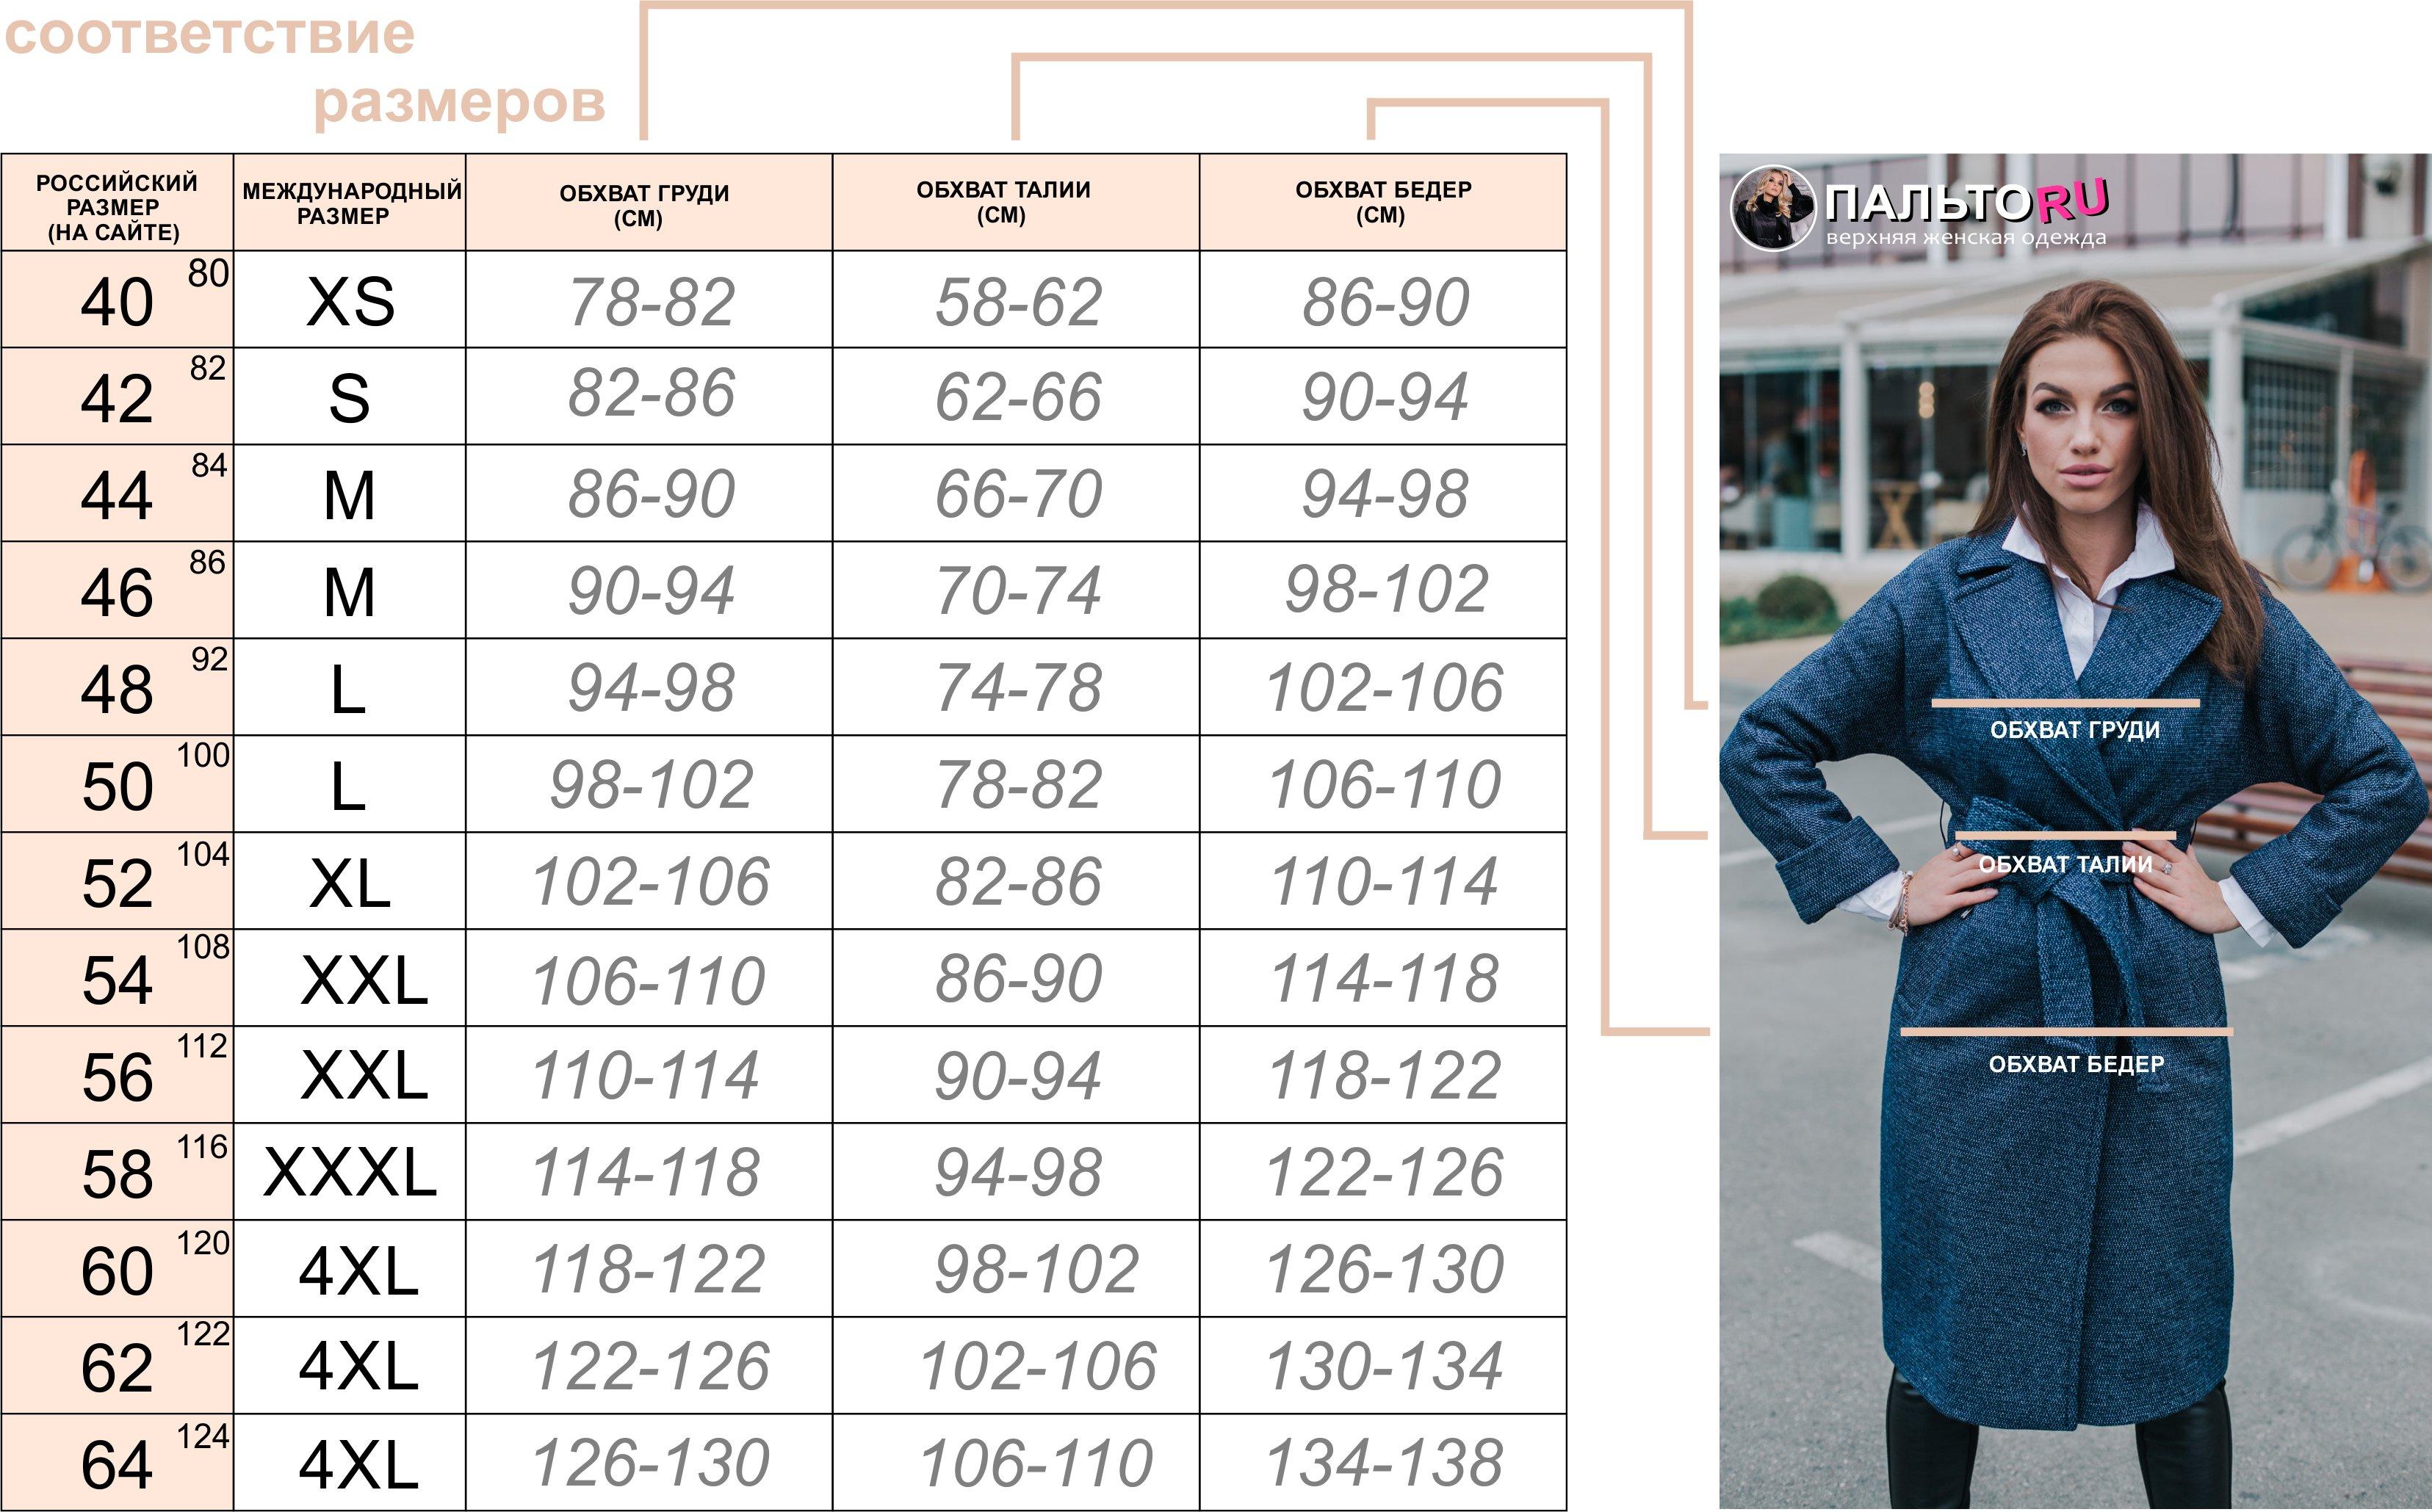 Соответствие размеров верхней женской одежды